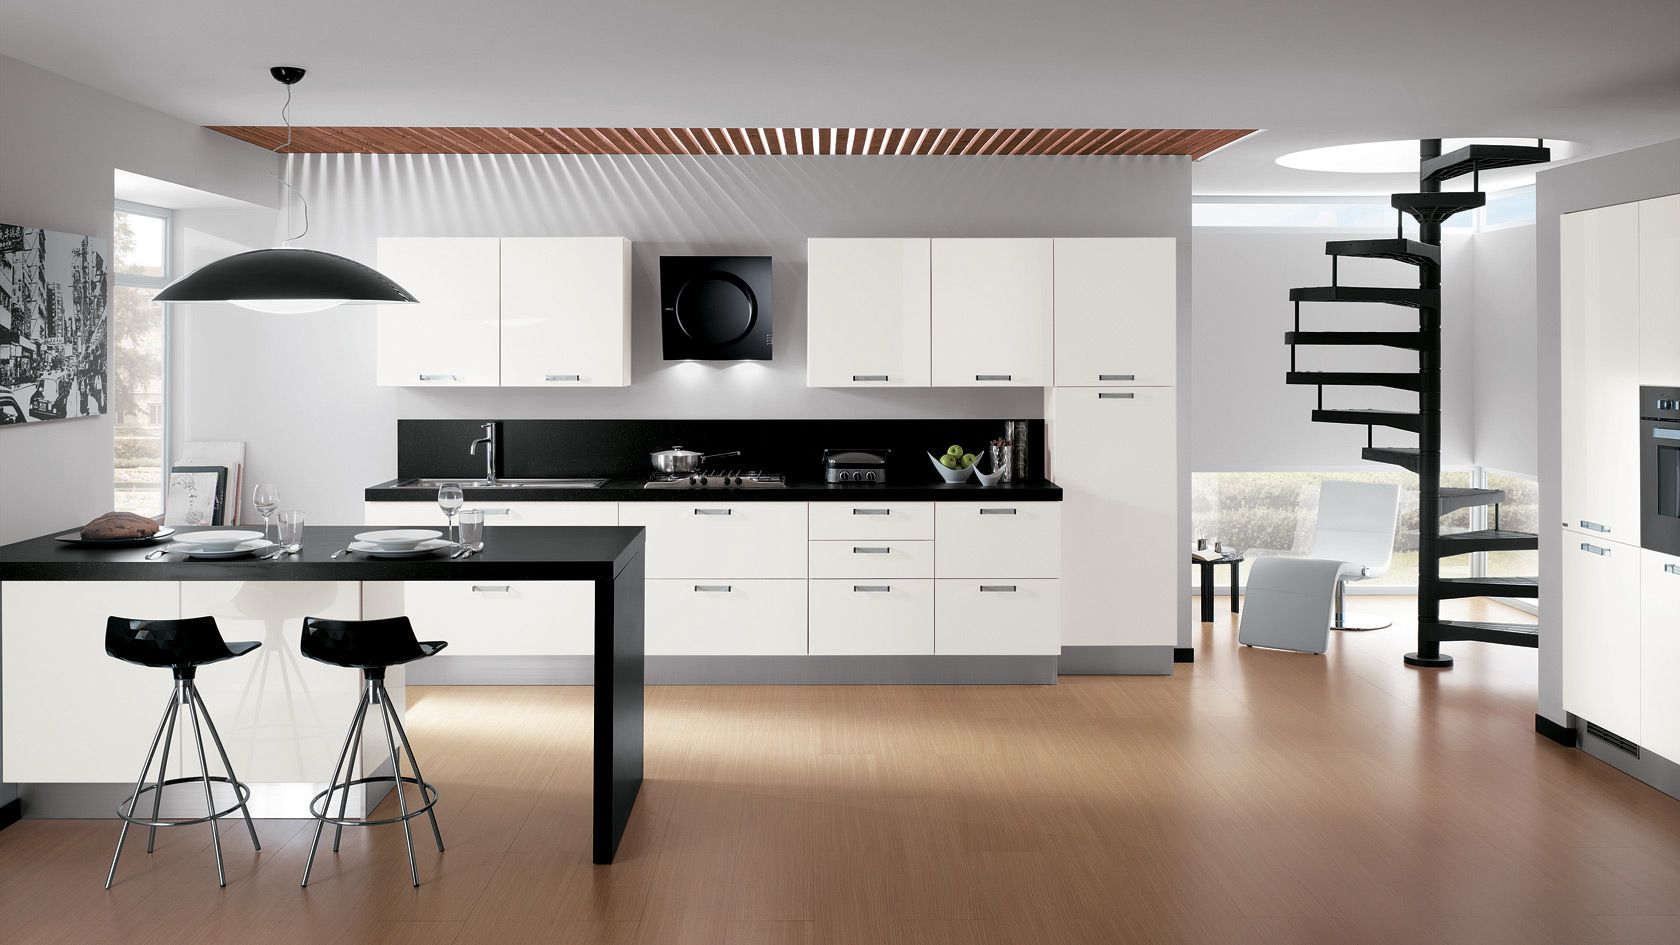 Cucina componibile Sax | Sito ufficiale Scavolini | ev | Pinterest ...